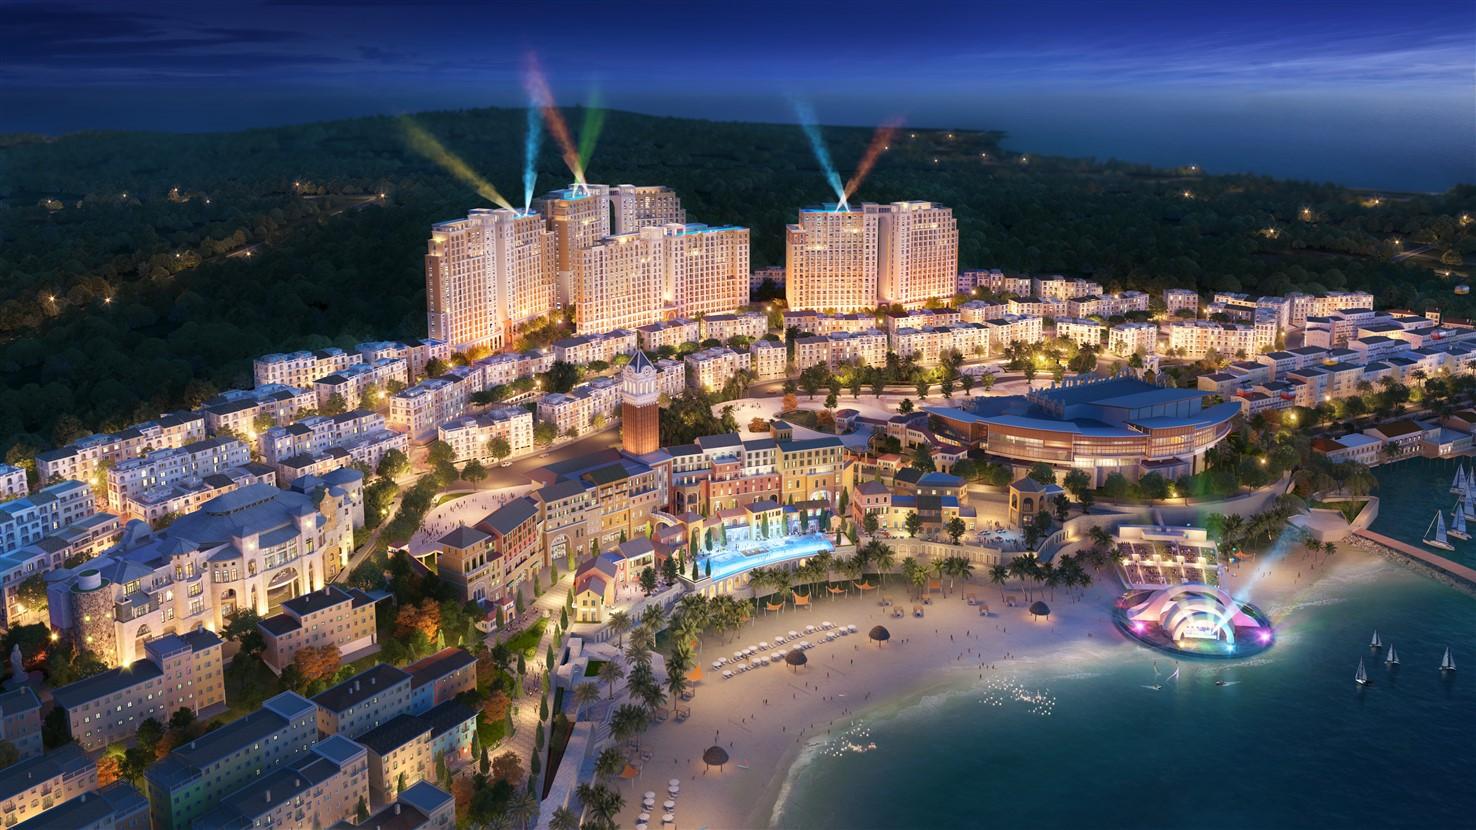 Thị trấn Địa Trung Hải đa sắc màu ở bờ Tây Nam Phú Quốc. Ảnh: Sun Group.